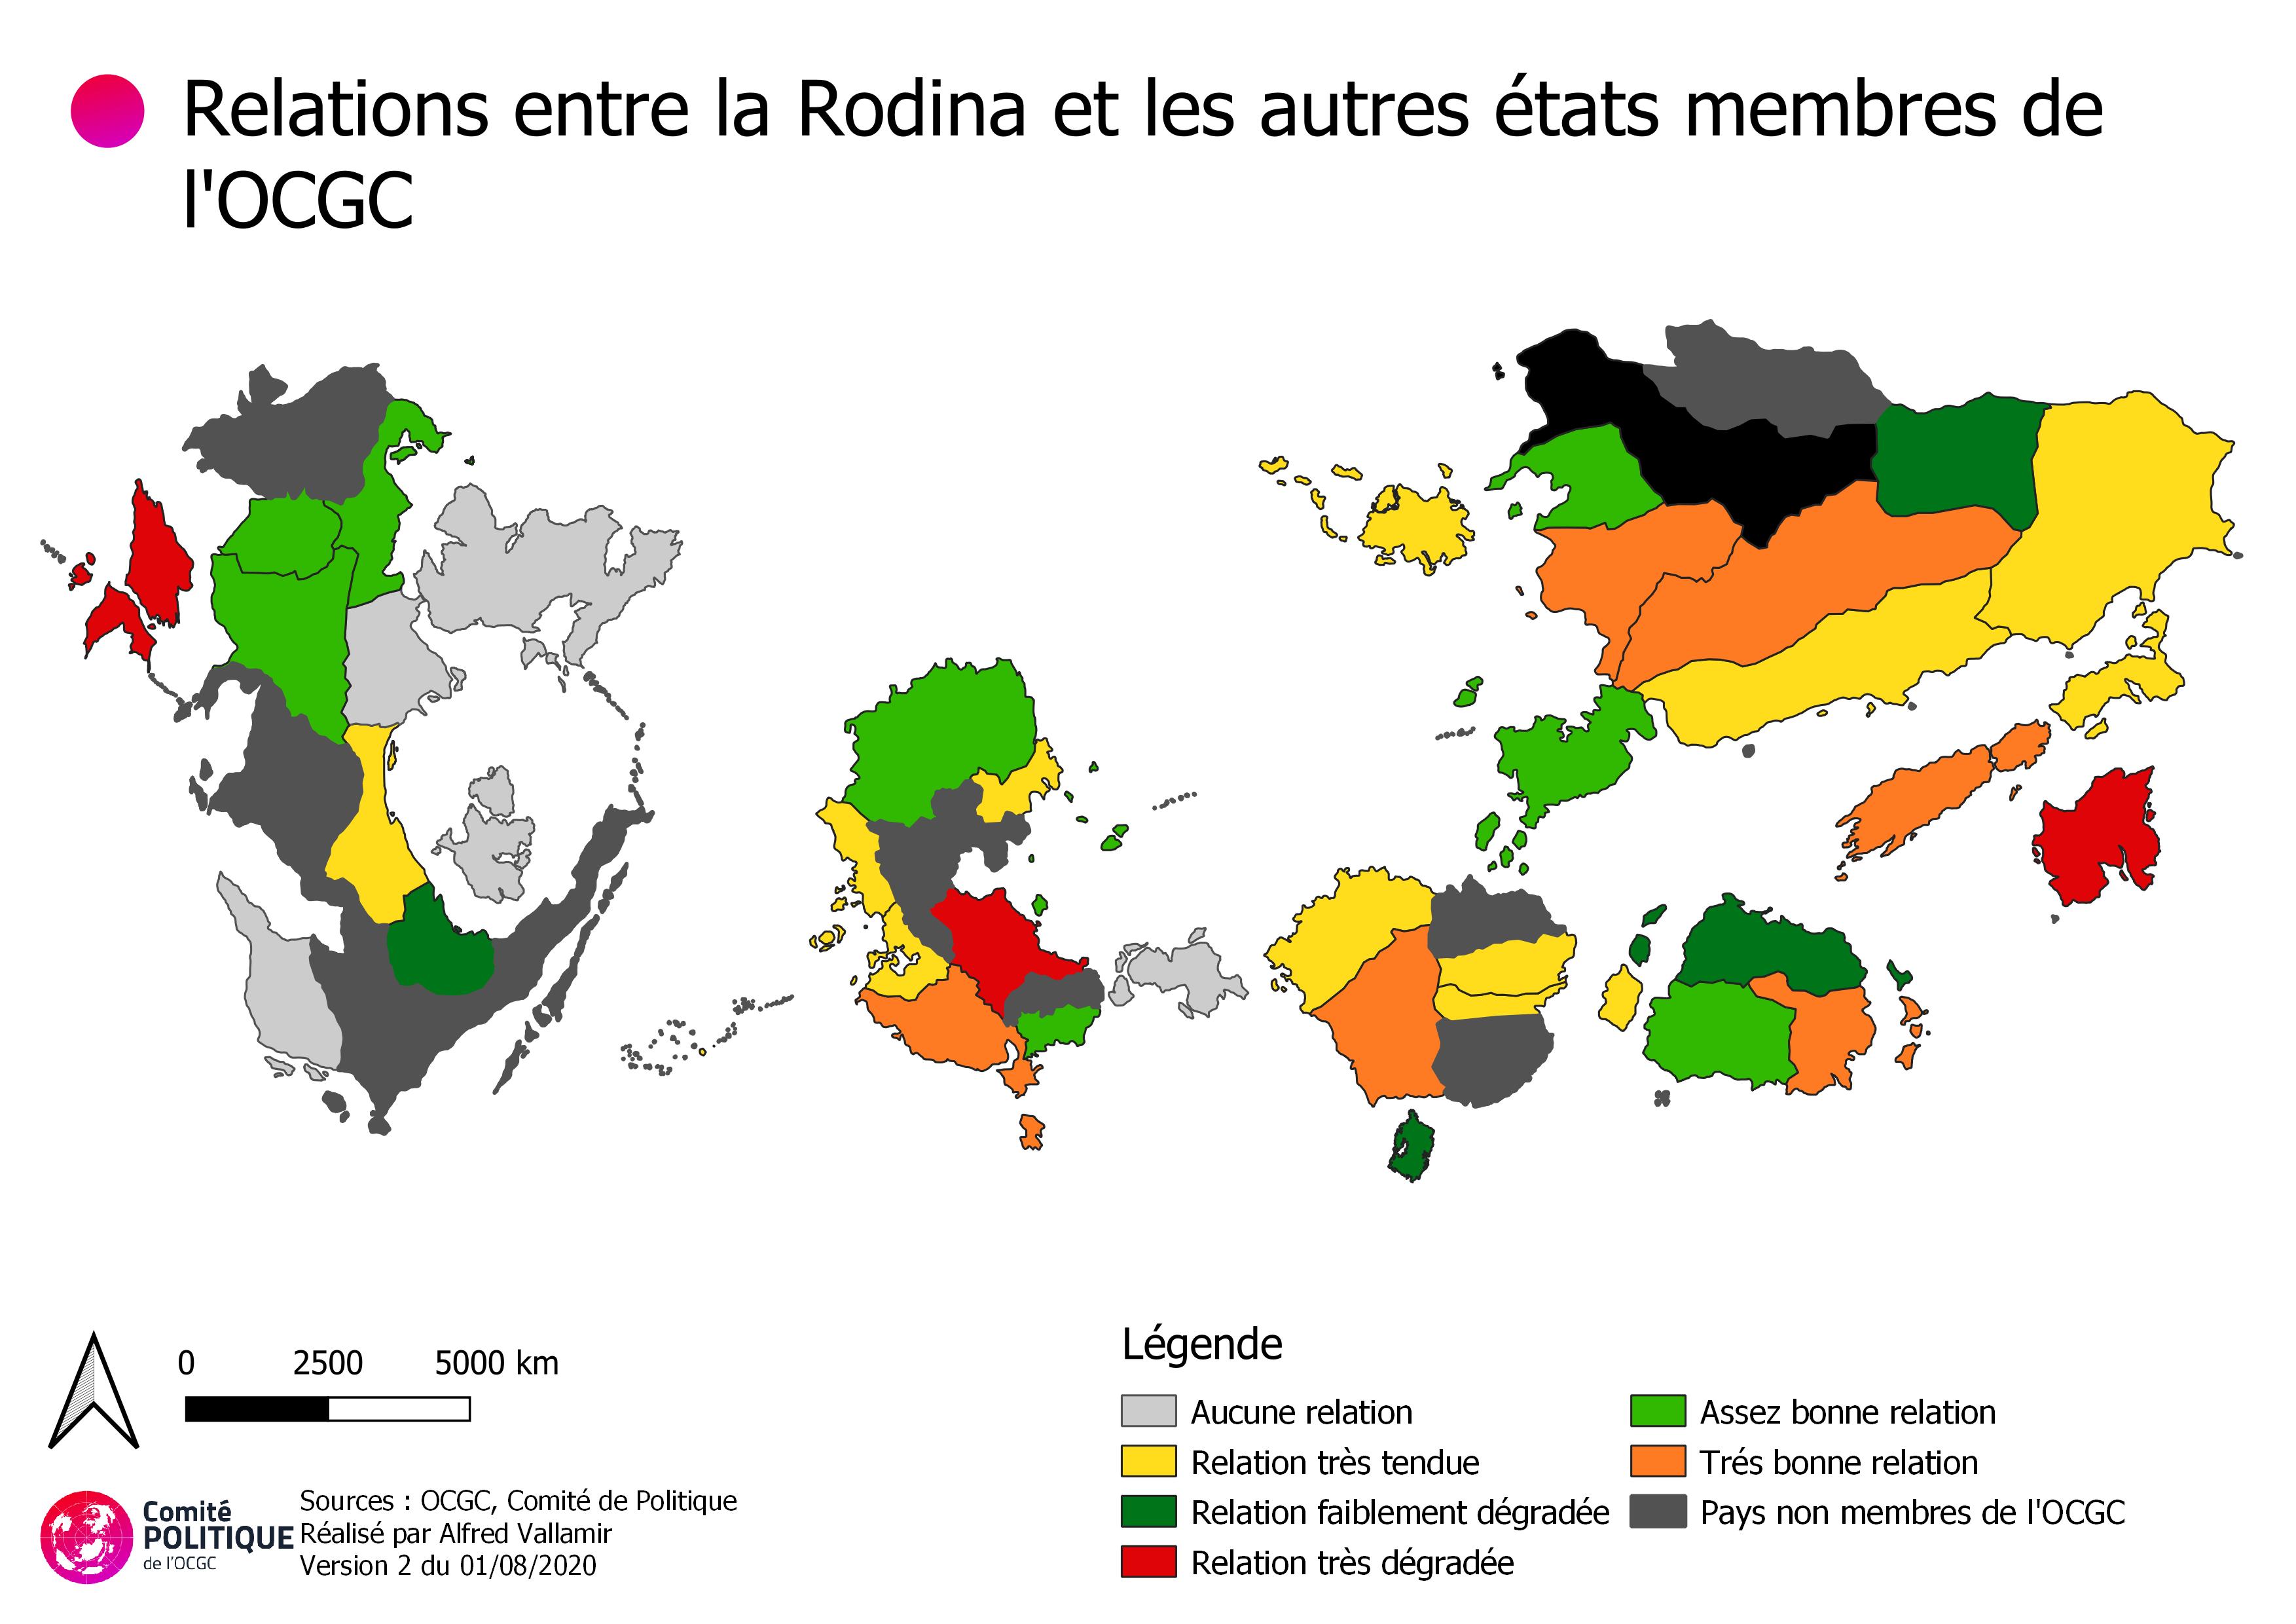 Atlas du comité de politique - 8 nouvelles carte (organisation et relations entre états). - Page 3 ComPol_Rel_Bil_Rodina